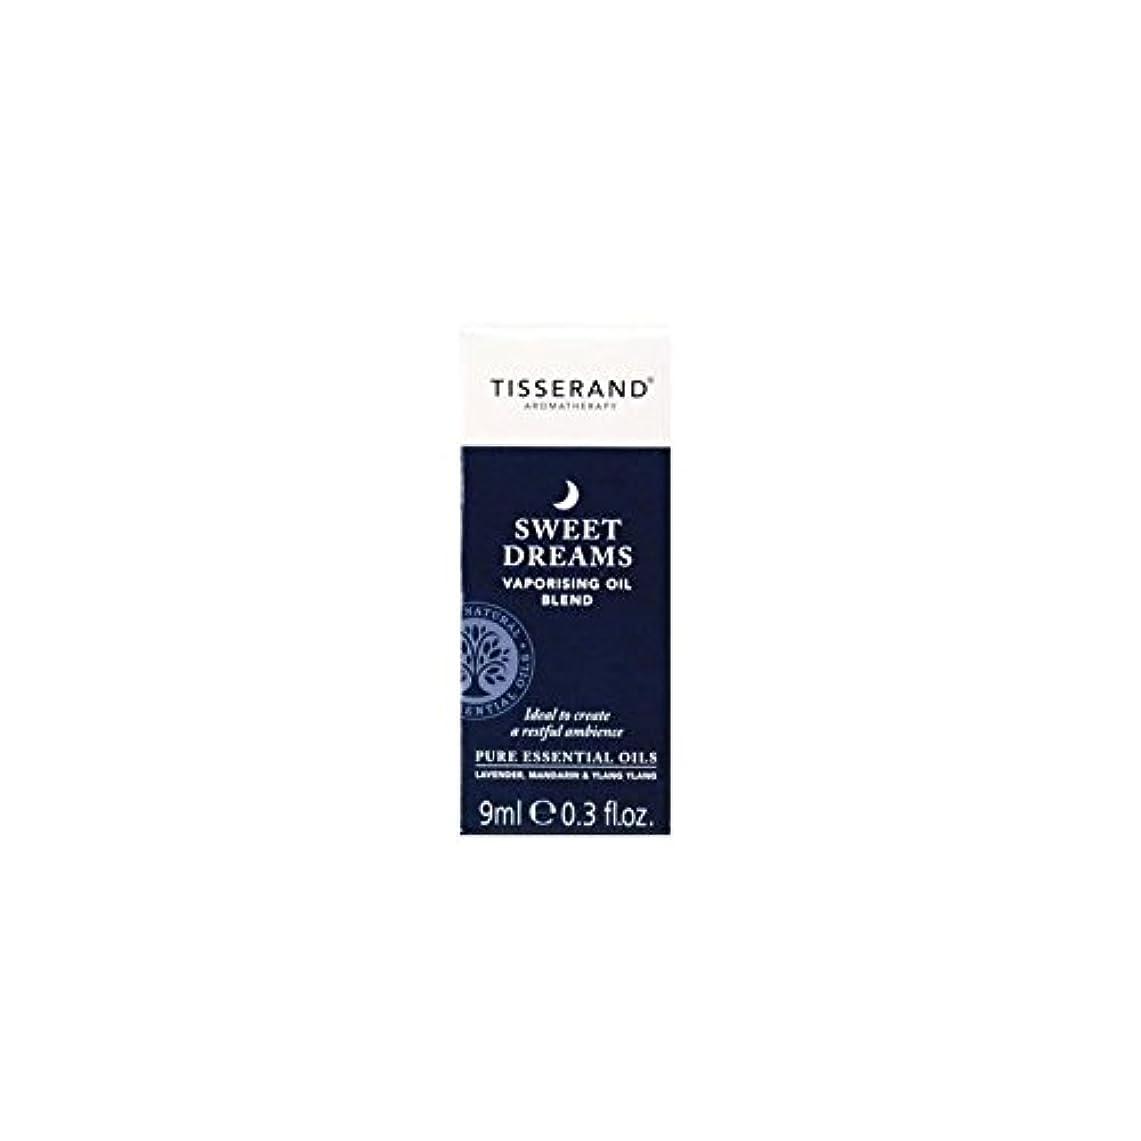 変化するサイレント作詞家オイル9ミリリットルを気化甘い夢 (Tisserand) (x 2) - Tisserand Sweet Dreams Vaporising Oil 9ml (Pack of 2) [並行輸入品]